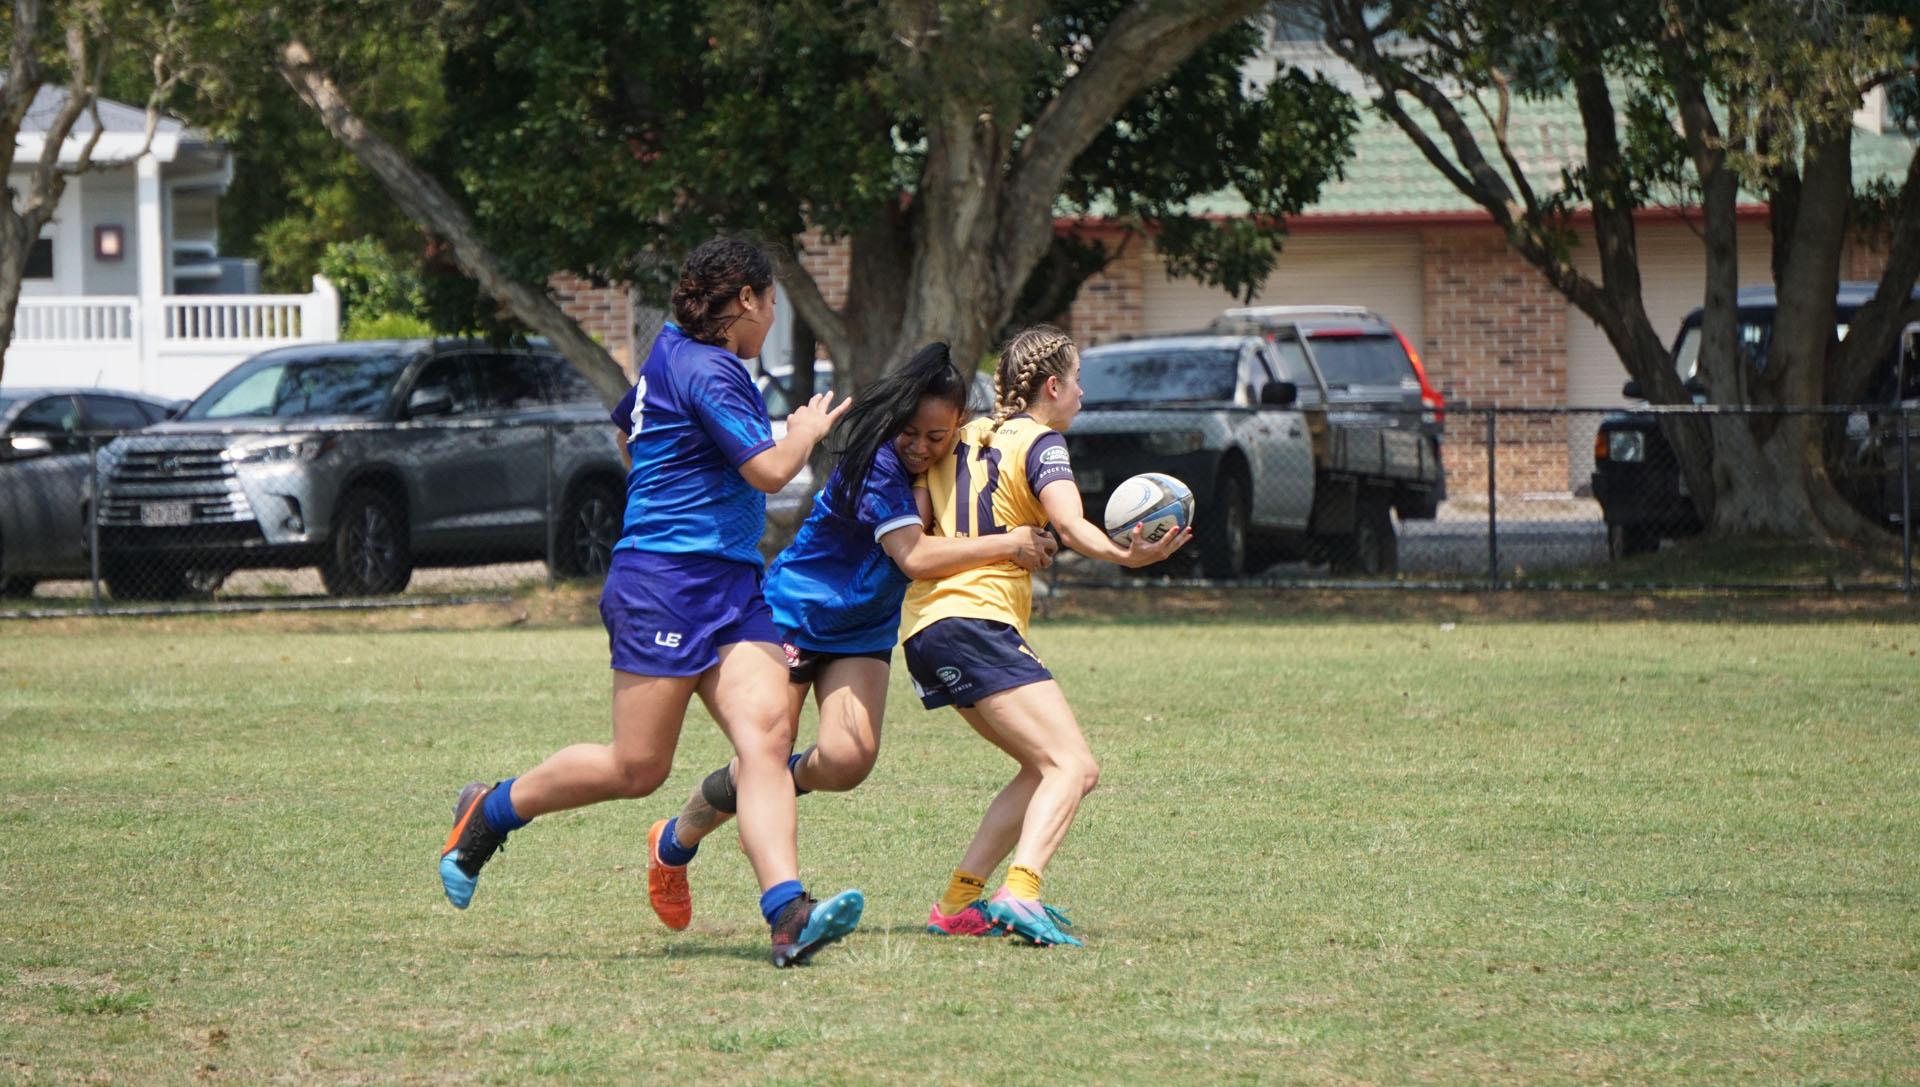 191019-20_Byron Bay Rugby 7s 2019_174